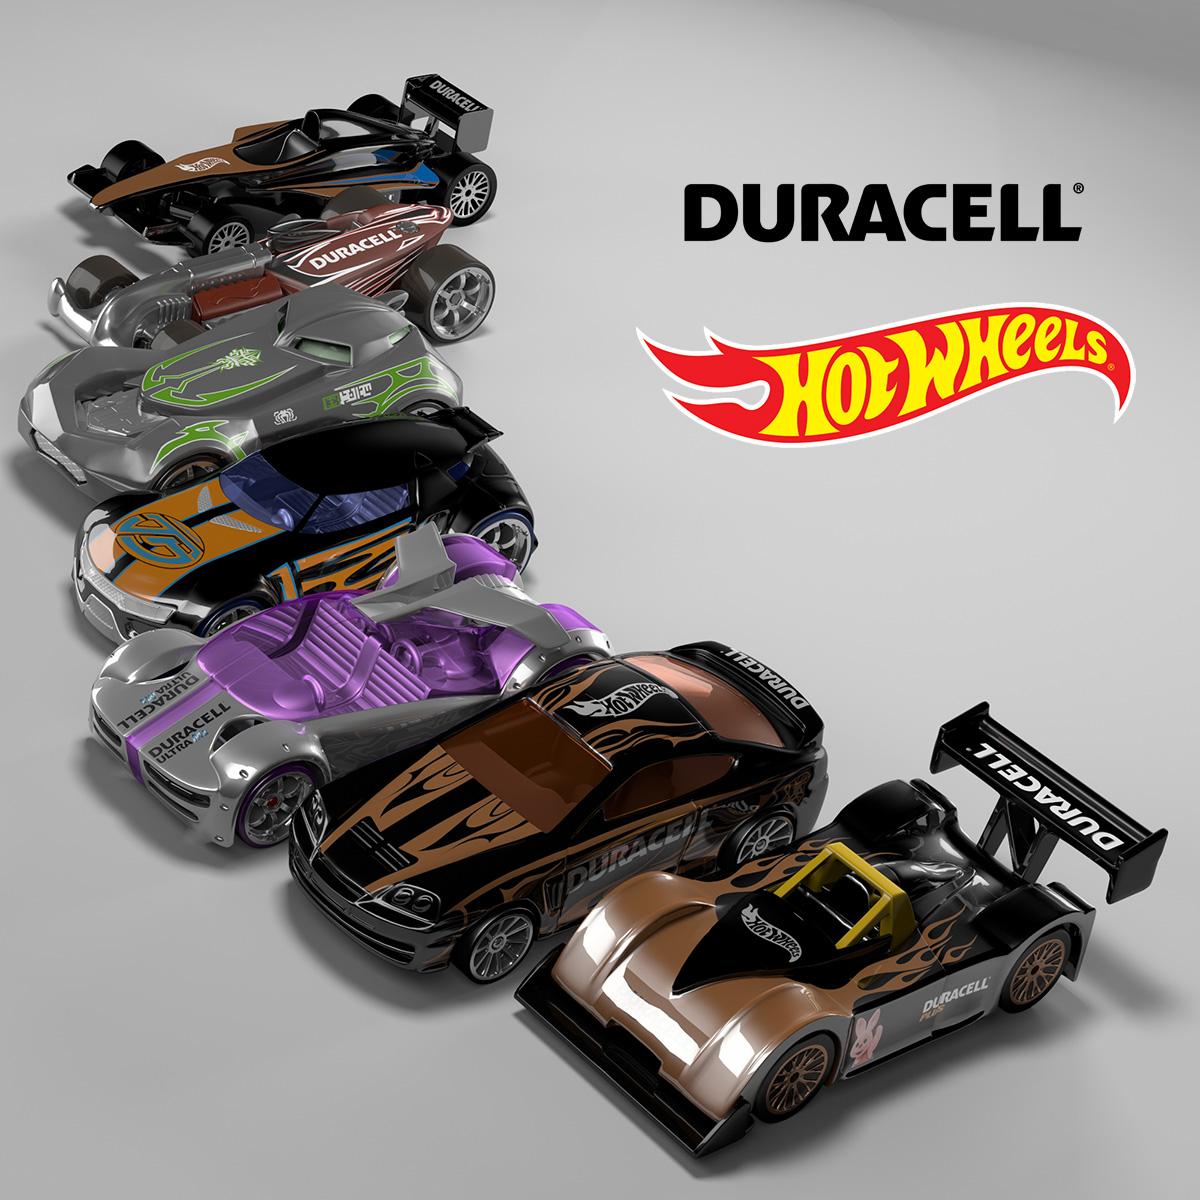 Duracell Hotwheels